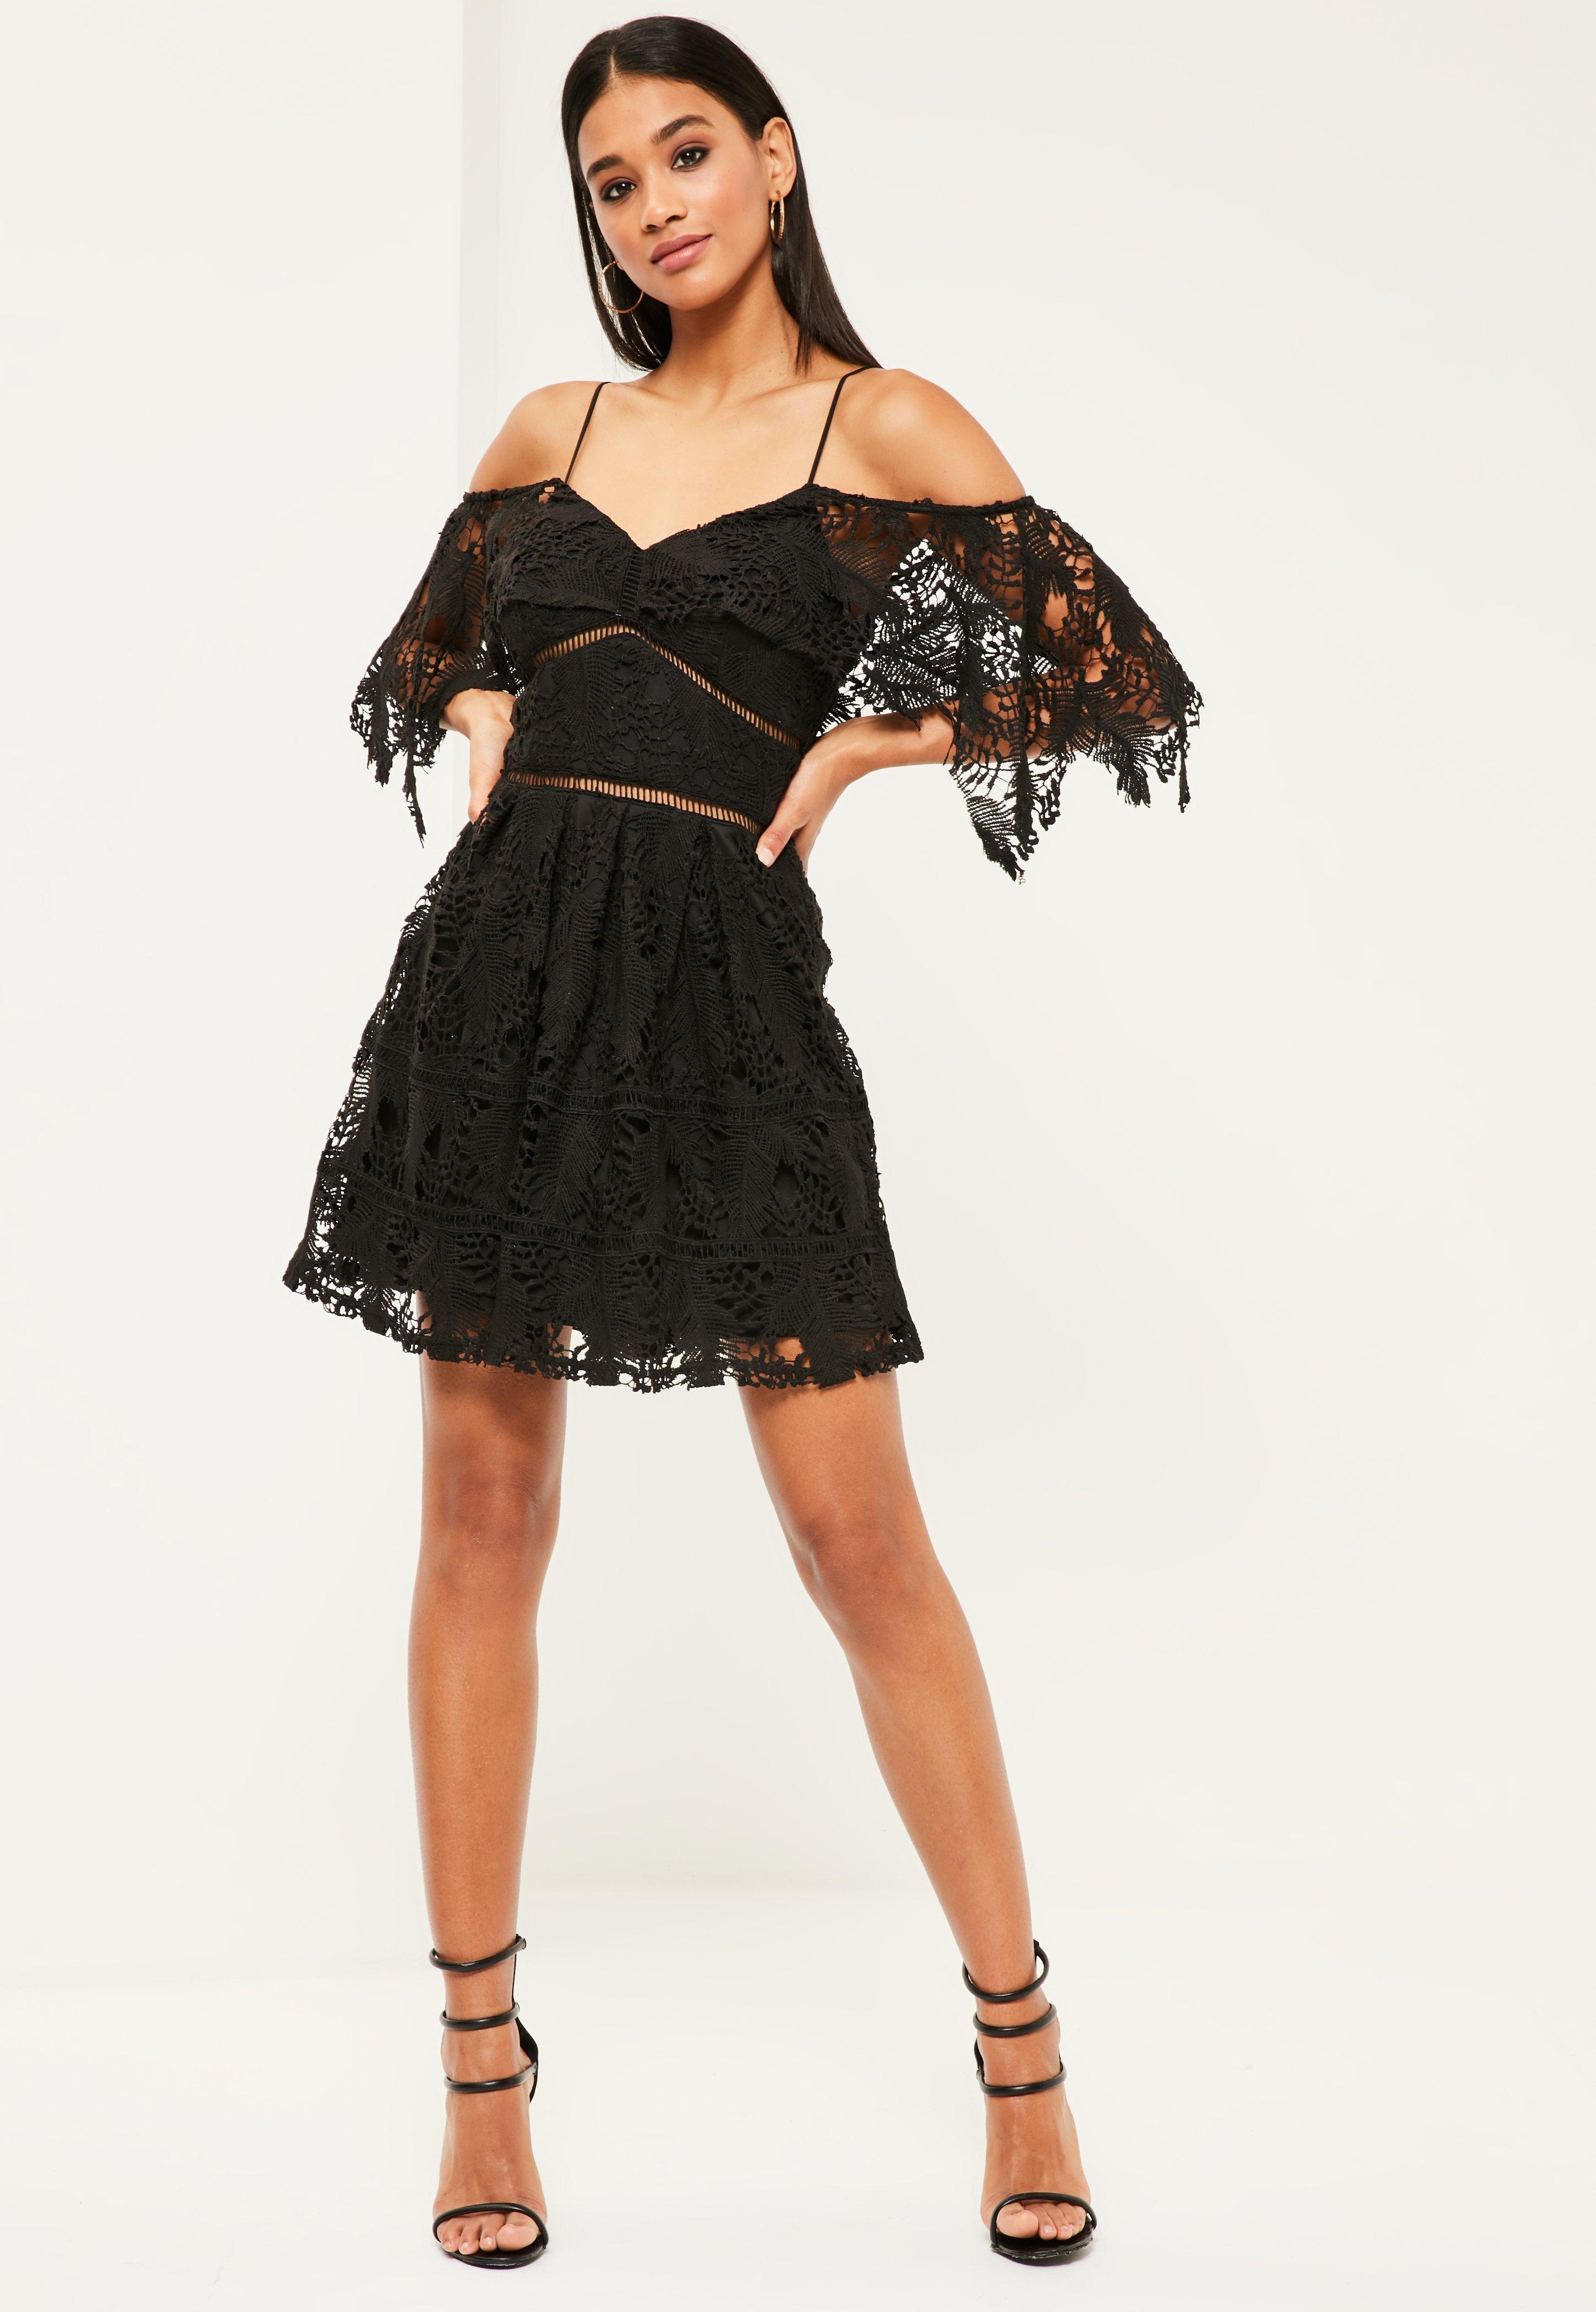 Black Lace Cold Shoulder Skater Dress   Missguided Australia